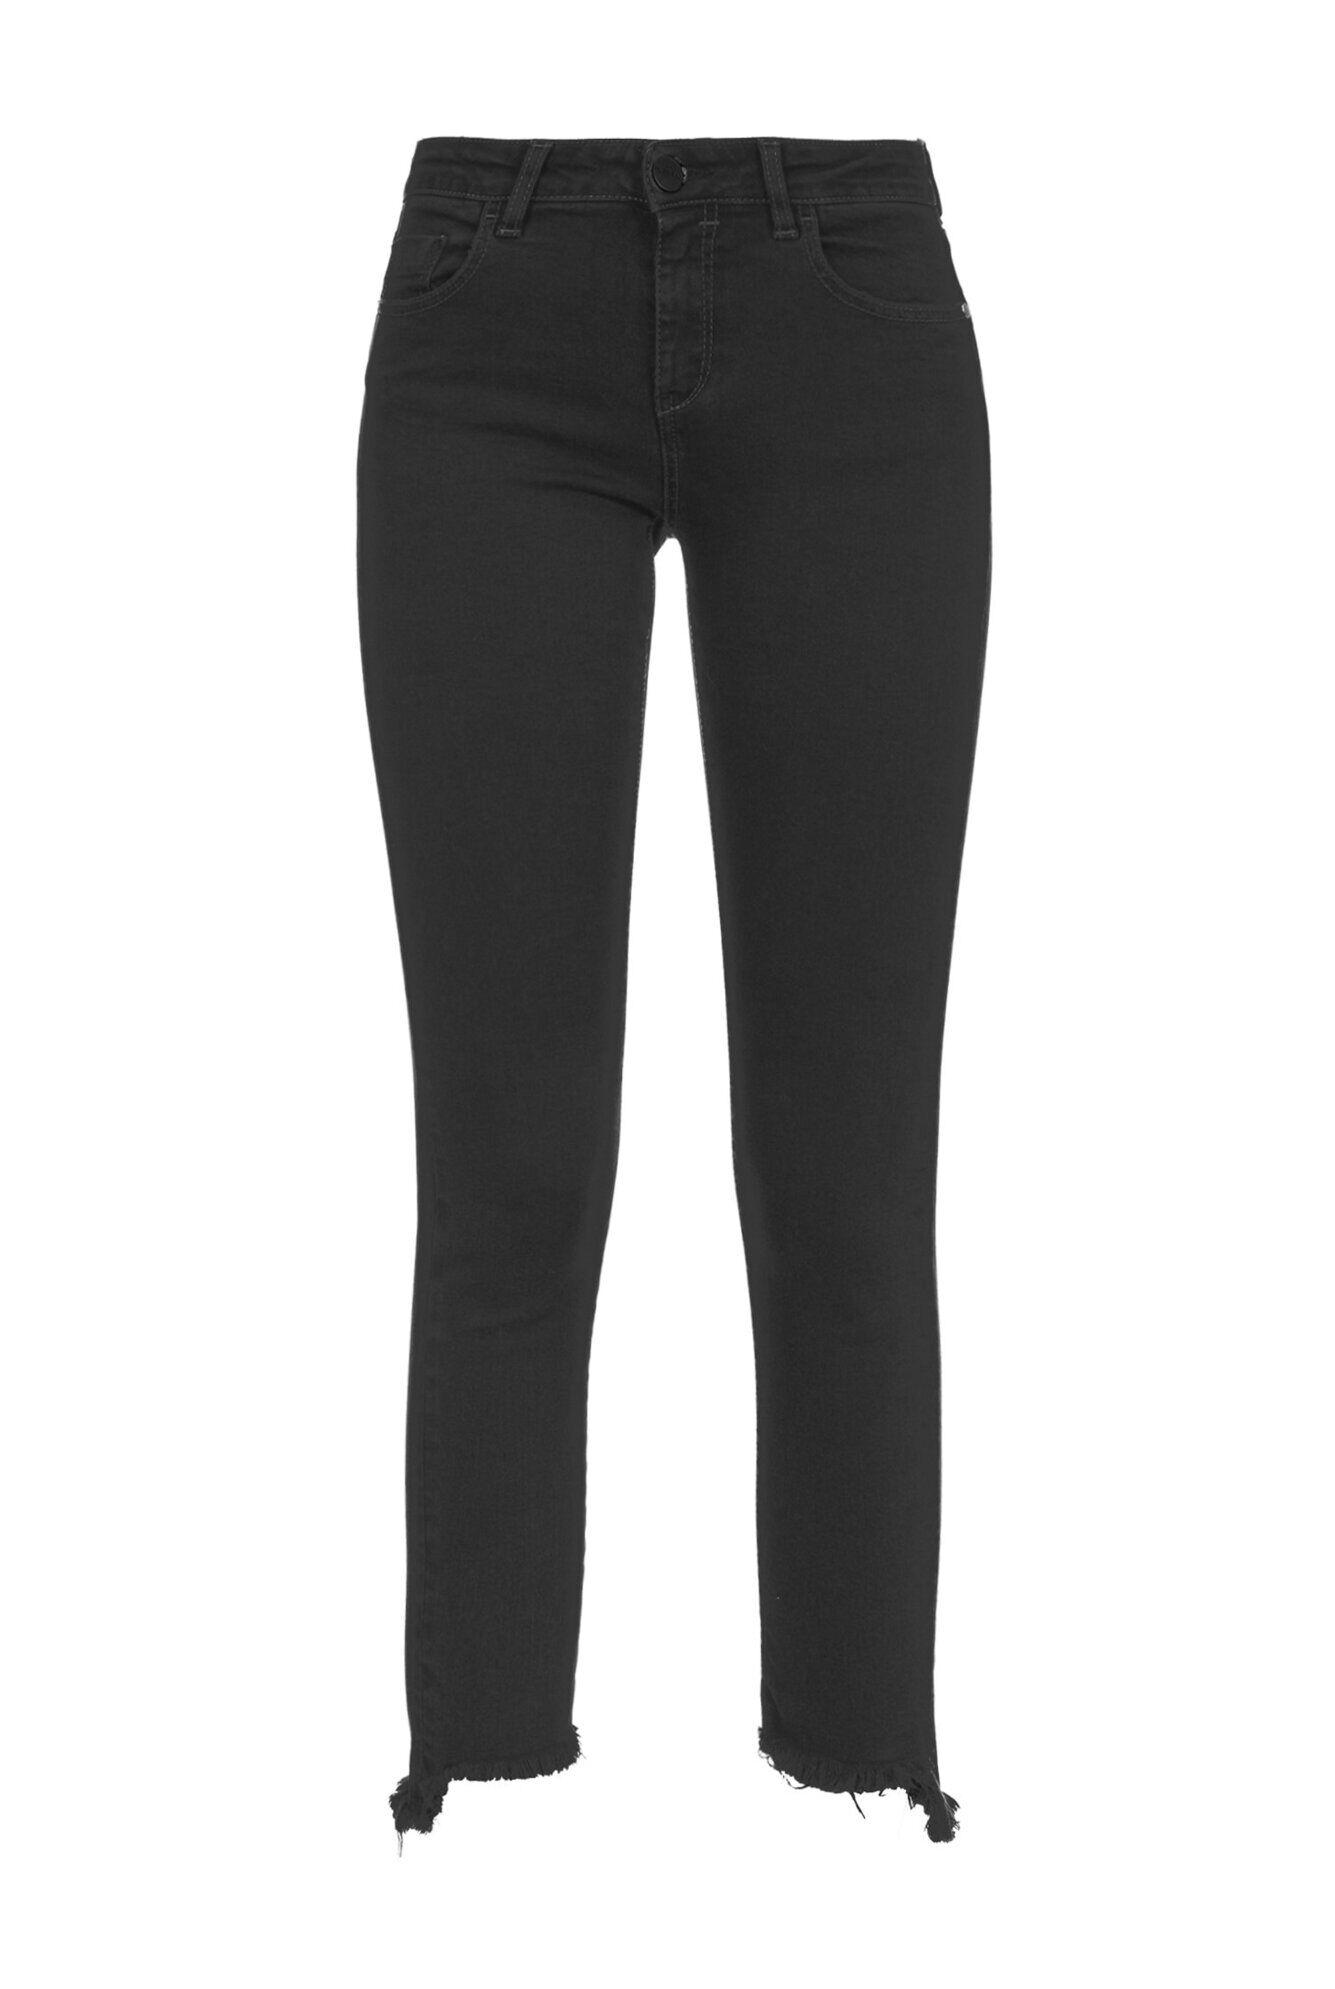 Jeans Skinny In Denim Black Reform - Pinko